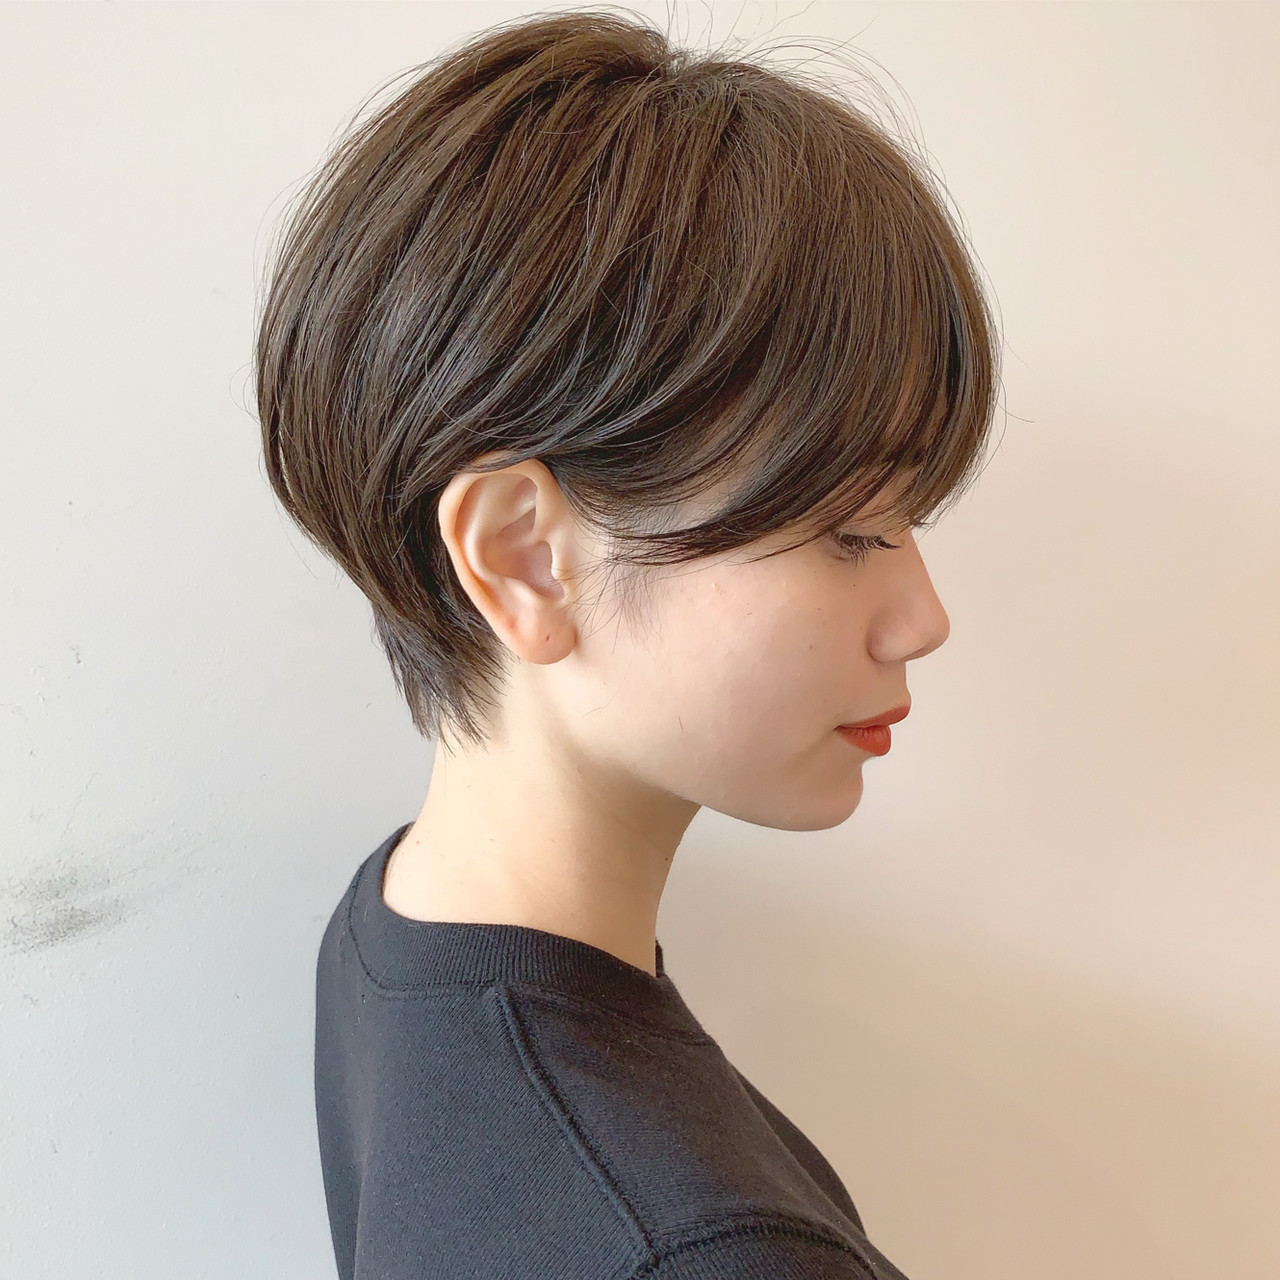 ショート ナチュラル 簡単ヘアアレンジ オフィス ヘアスタイルや髪型の写真・画像 | ショートヘア美容師 #ナカイヒロキ / 『send by HAIR』